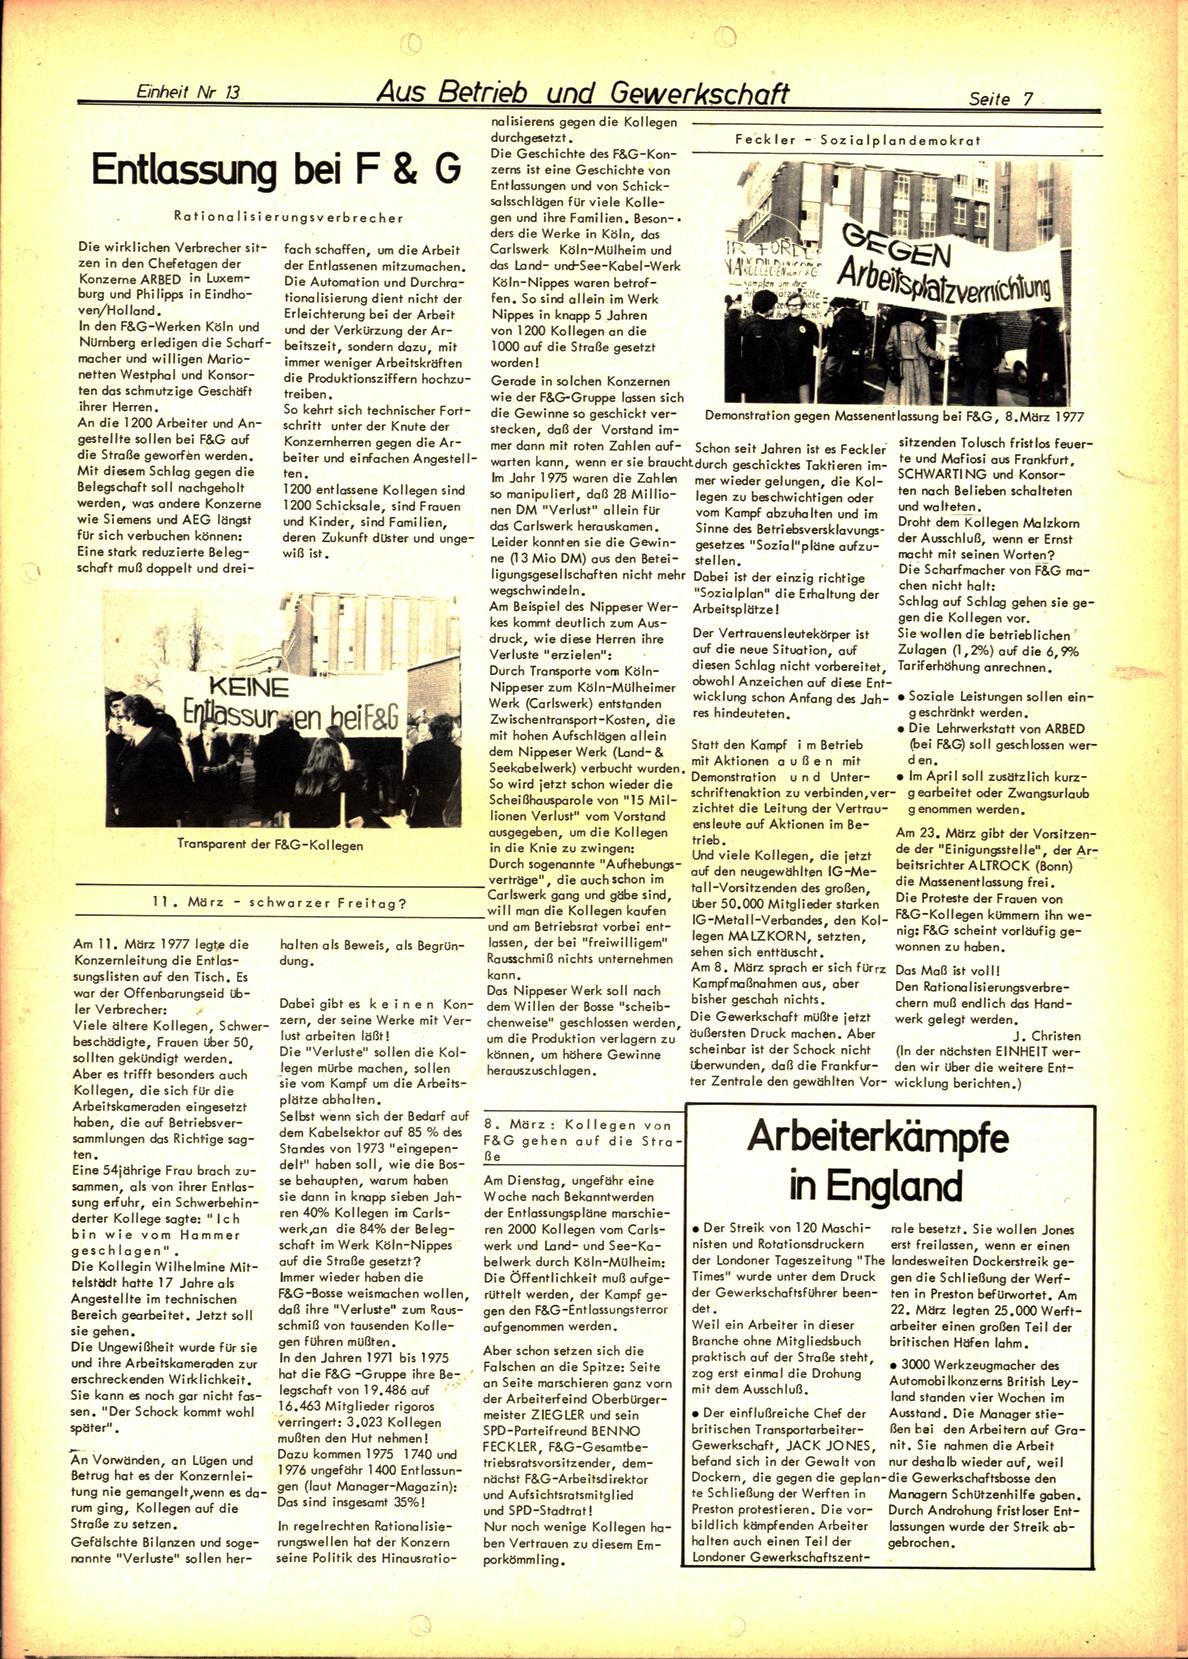 Koeln_IPdA_Einheit_1977_013_007